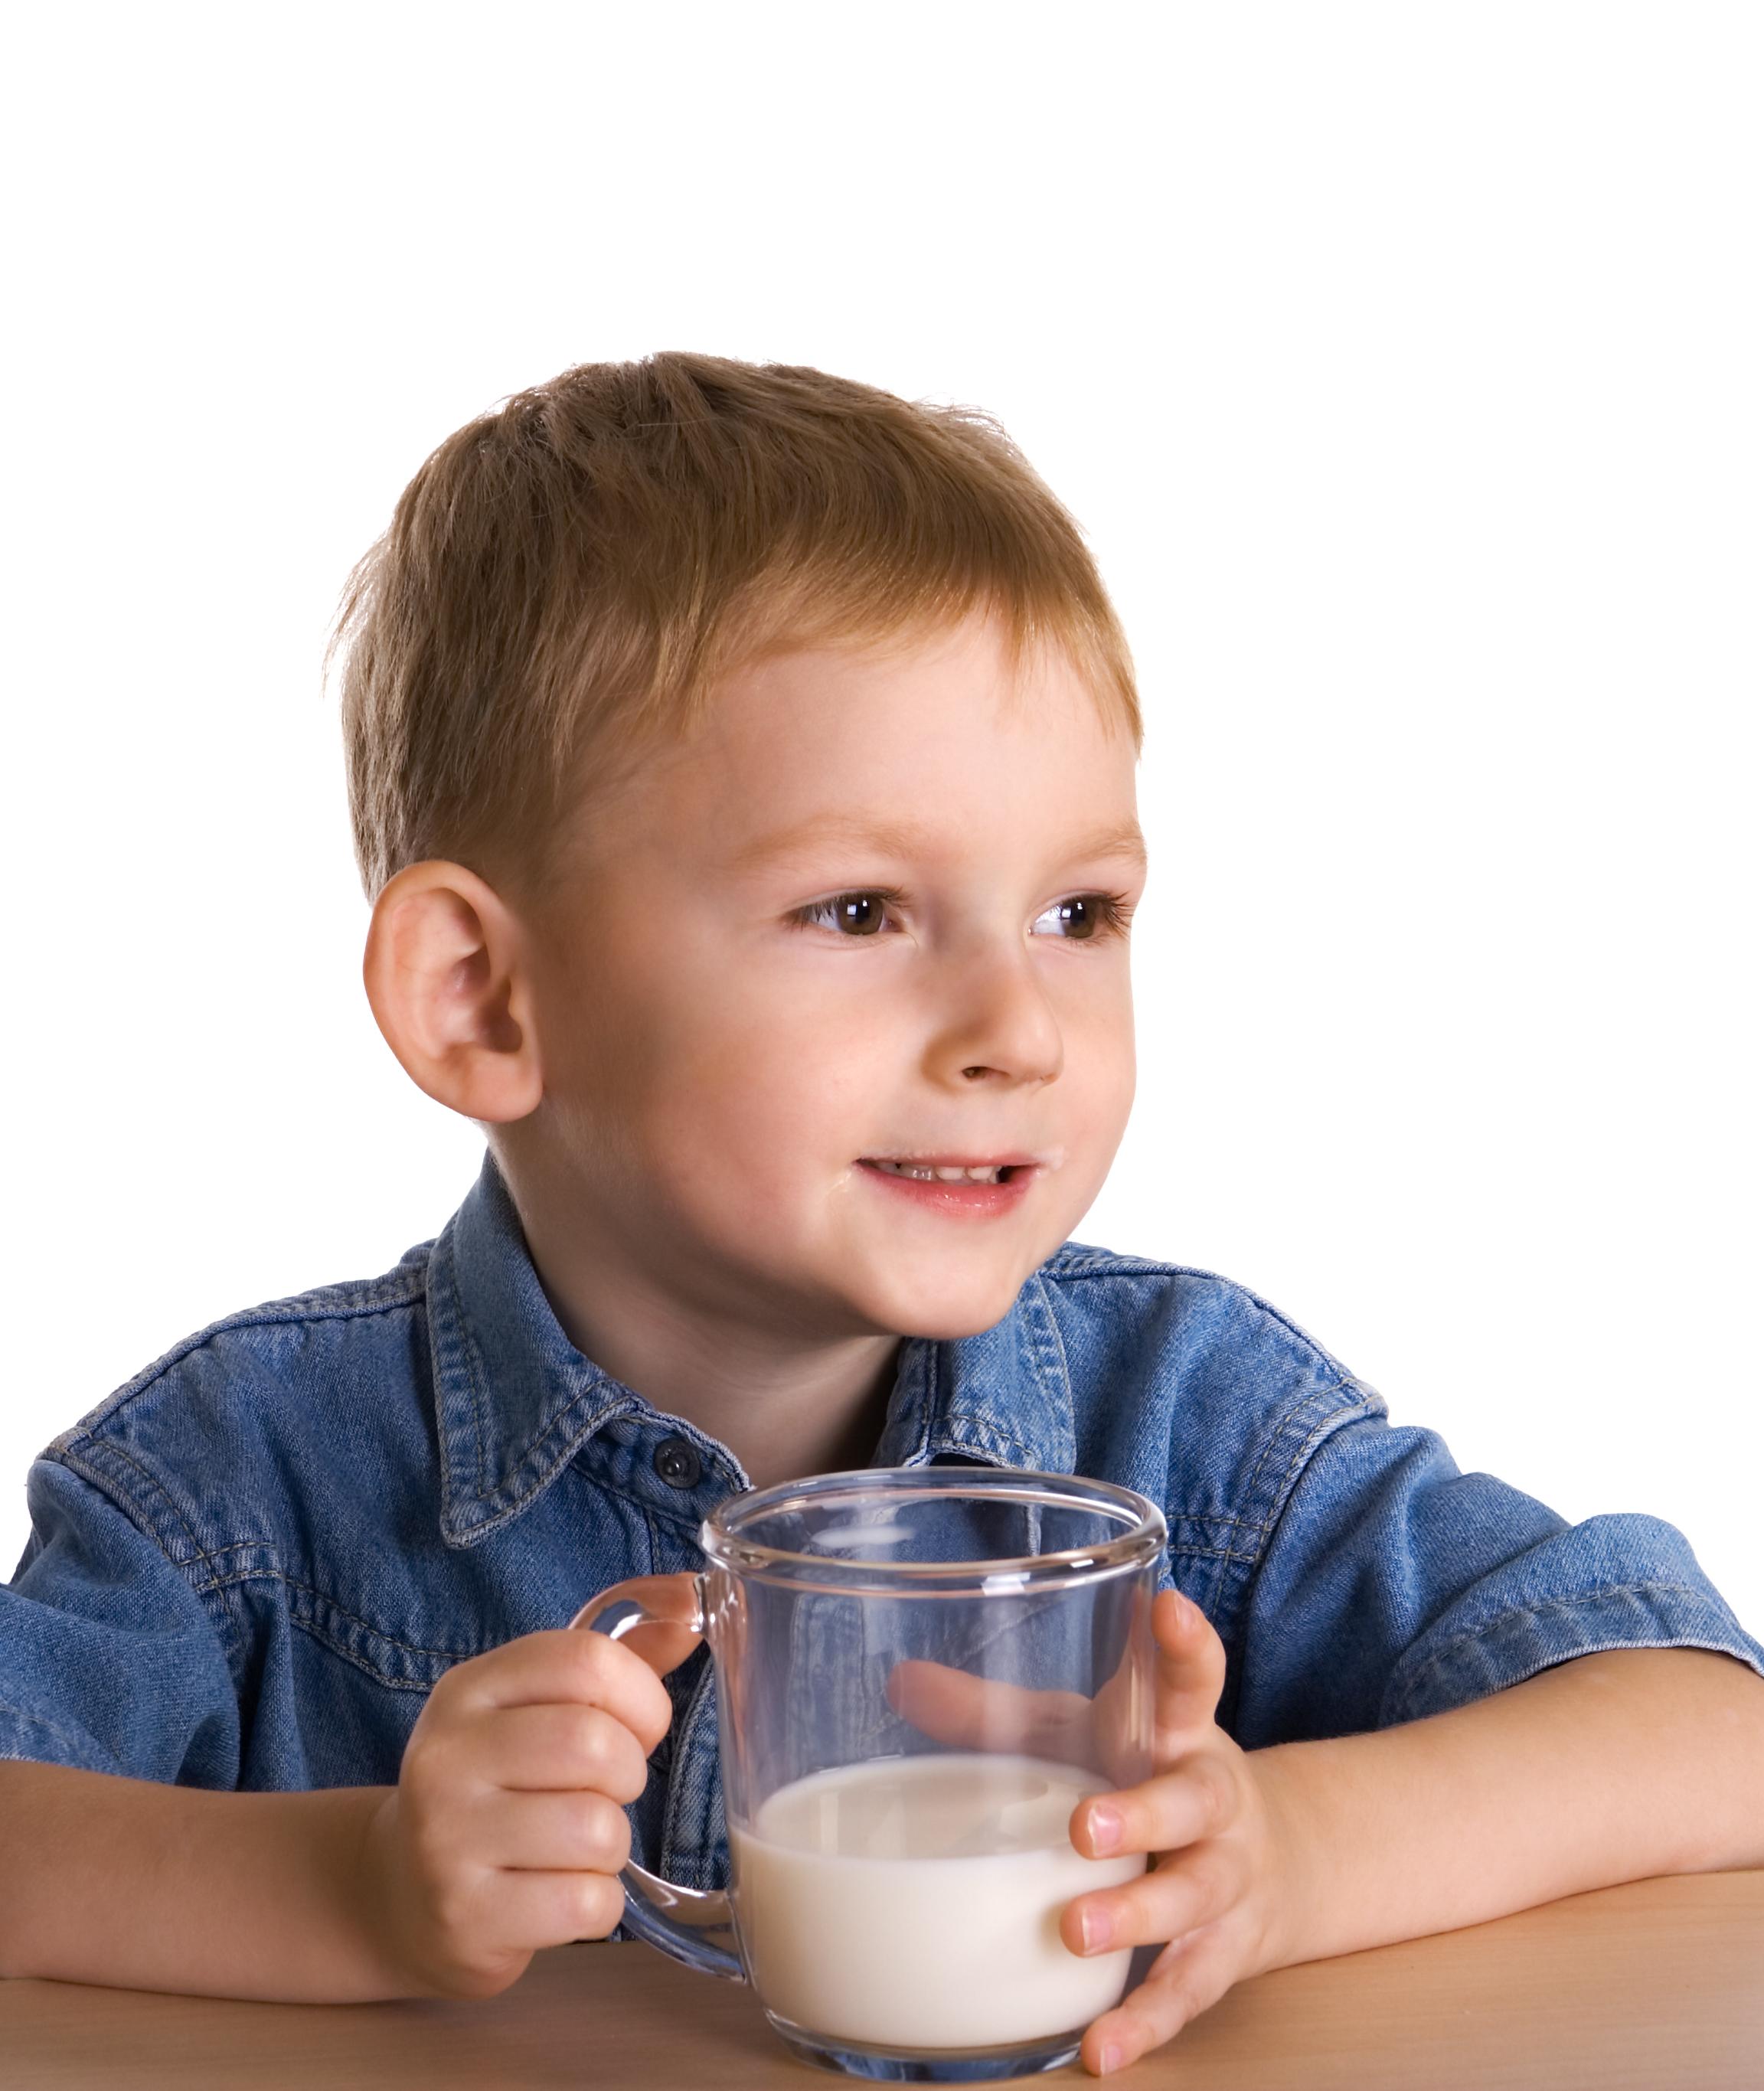 Jód – důležitý prvek pro těhotné ženy i malé děti